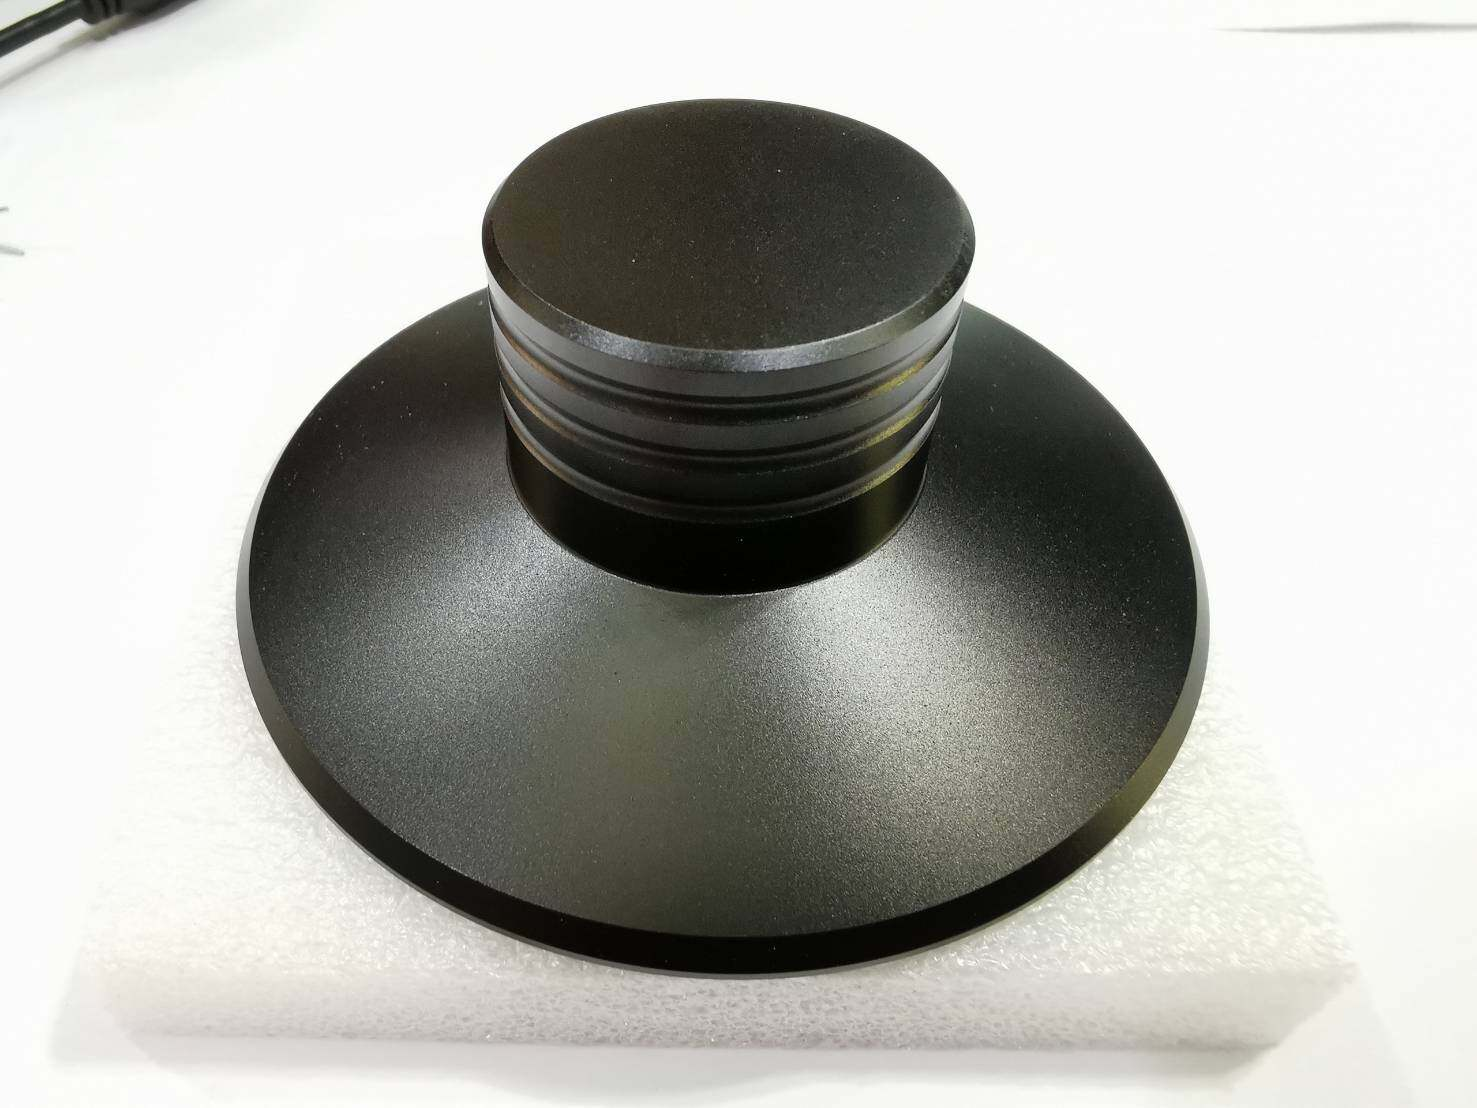 ที่ทับแผ่นเสียง มีสีดำ สีเงิน สีแดง วัสดุ Aluminum ช่วยให้ขณะเล่นเพลงจากแผ่นเสียงนิ่งดีขึ้น(Stabilizer) ..Black/Silver หนัก 120กรัม / Red หนัก 145กรัม